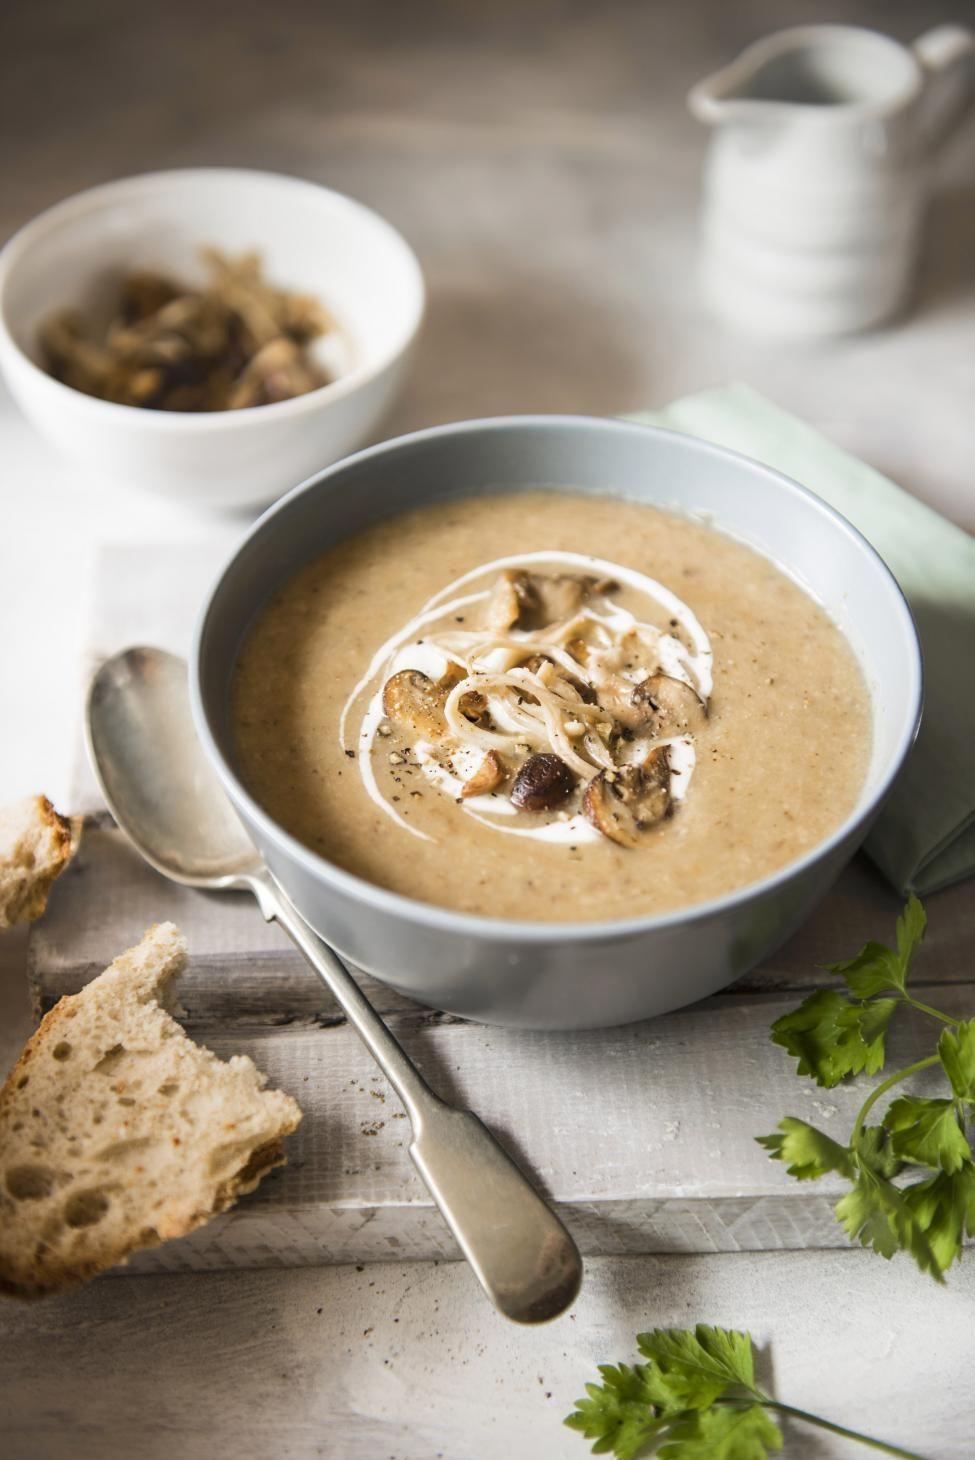 Velouté de champignons | Recette | Velouté champignon, Recette, Alimentation